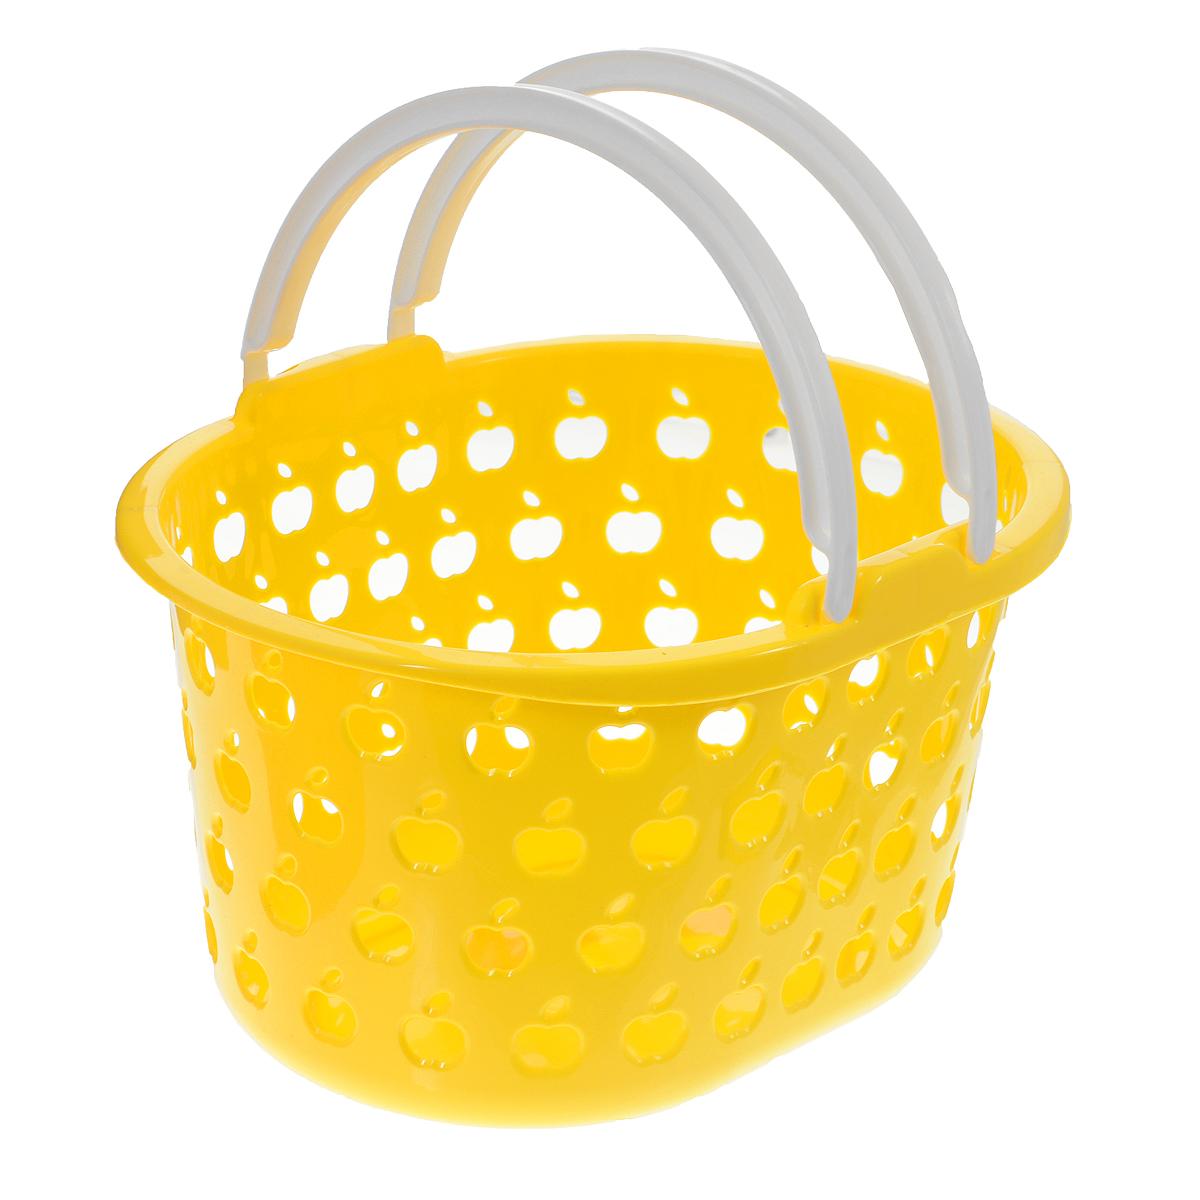 Корзина Полимербыт Стайл, цвет: желтый, белый, 3,2 лС832Овальная корзина Полимербыт Стайл изготовлена из высококачественного цветного пластика и декорирована перфорацией в виде яблок. Она предназначена для хранения различных мелочей дома или на даче. Для удобства переноски имеются две ручки. Позволяет хранить мелкие вещи, исключая возможность их потери. Корзина очень вместительная. Элегантный выдержанный дизайн позволяет органично вписаться в ваш интерьер и стать его элементом.